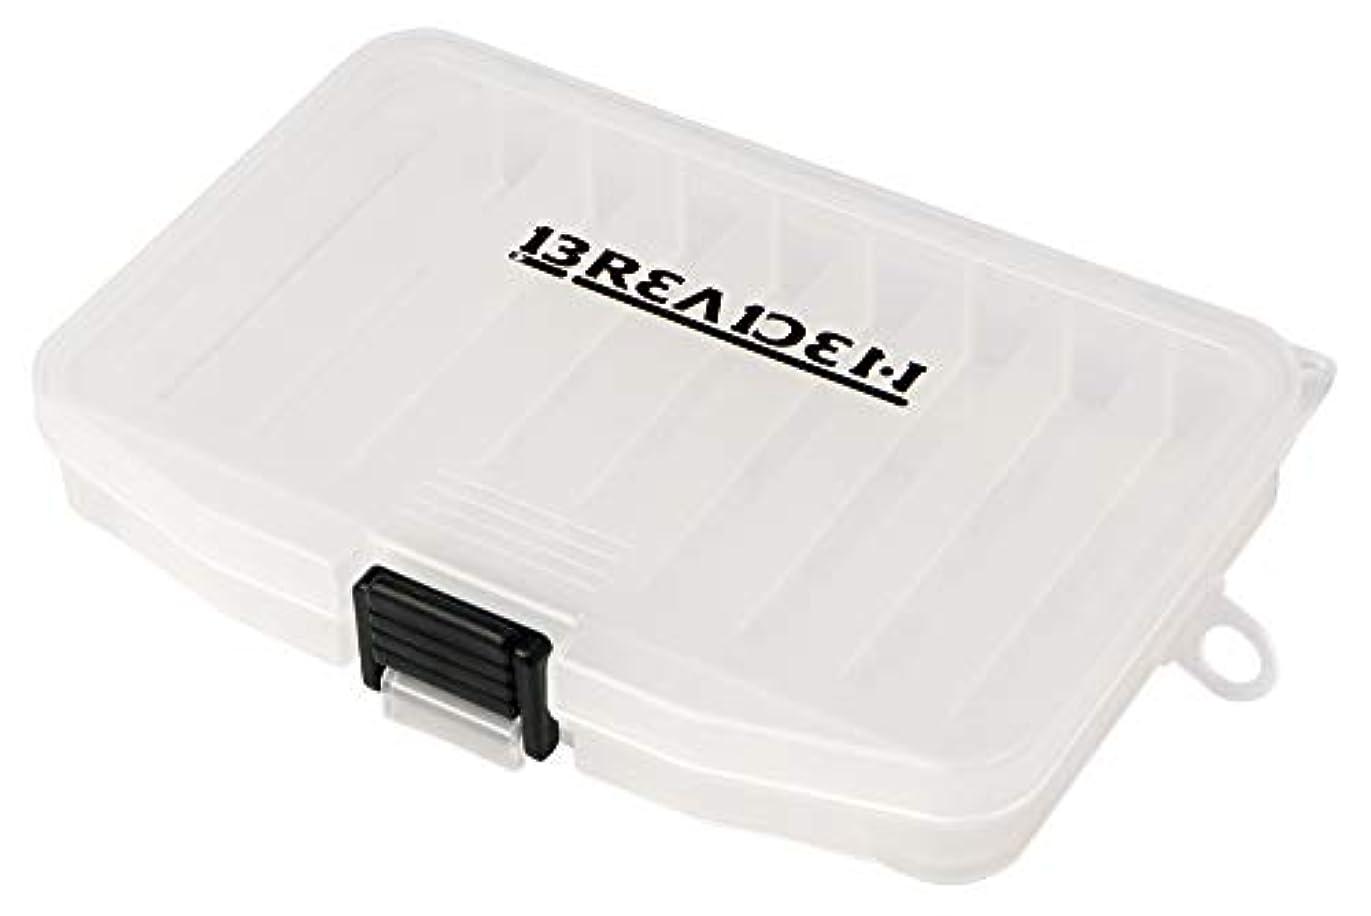 ブロッサム教師の日め言葉ブリーデン(BREADEN) ライト リグ ケース 09